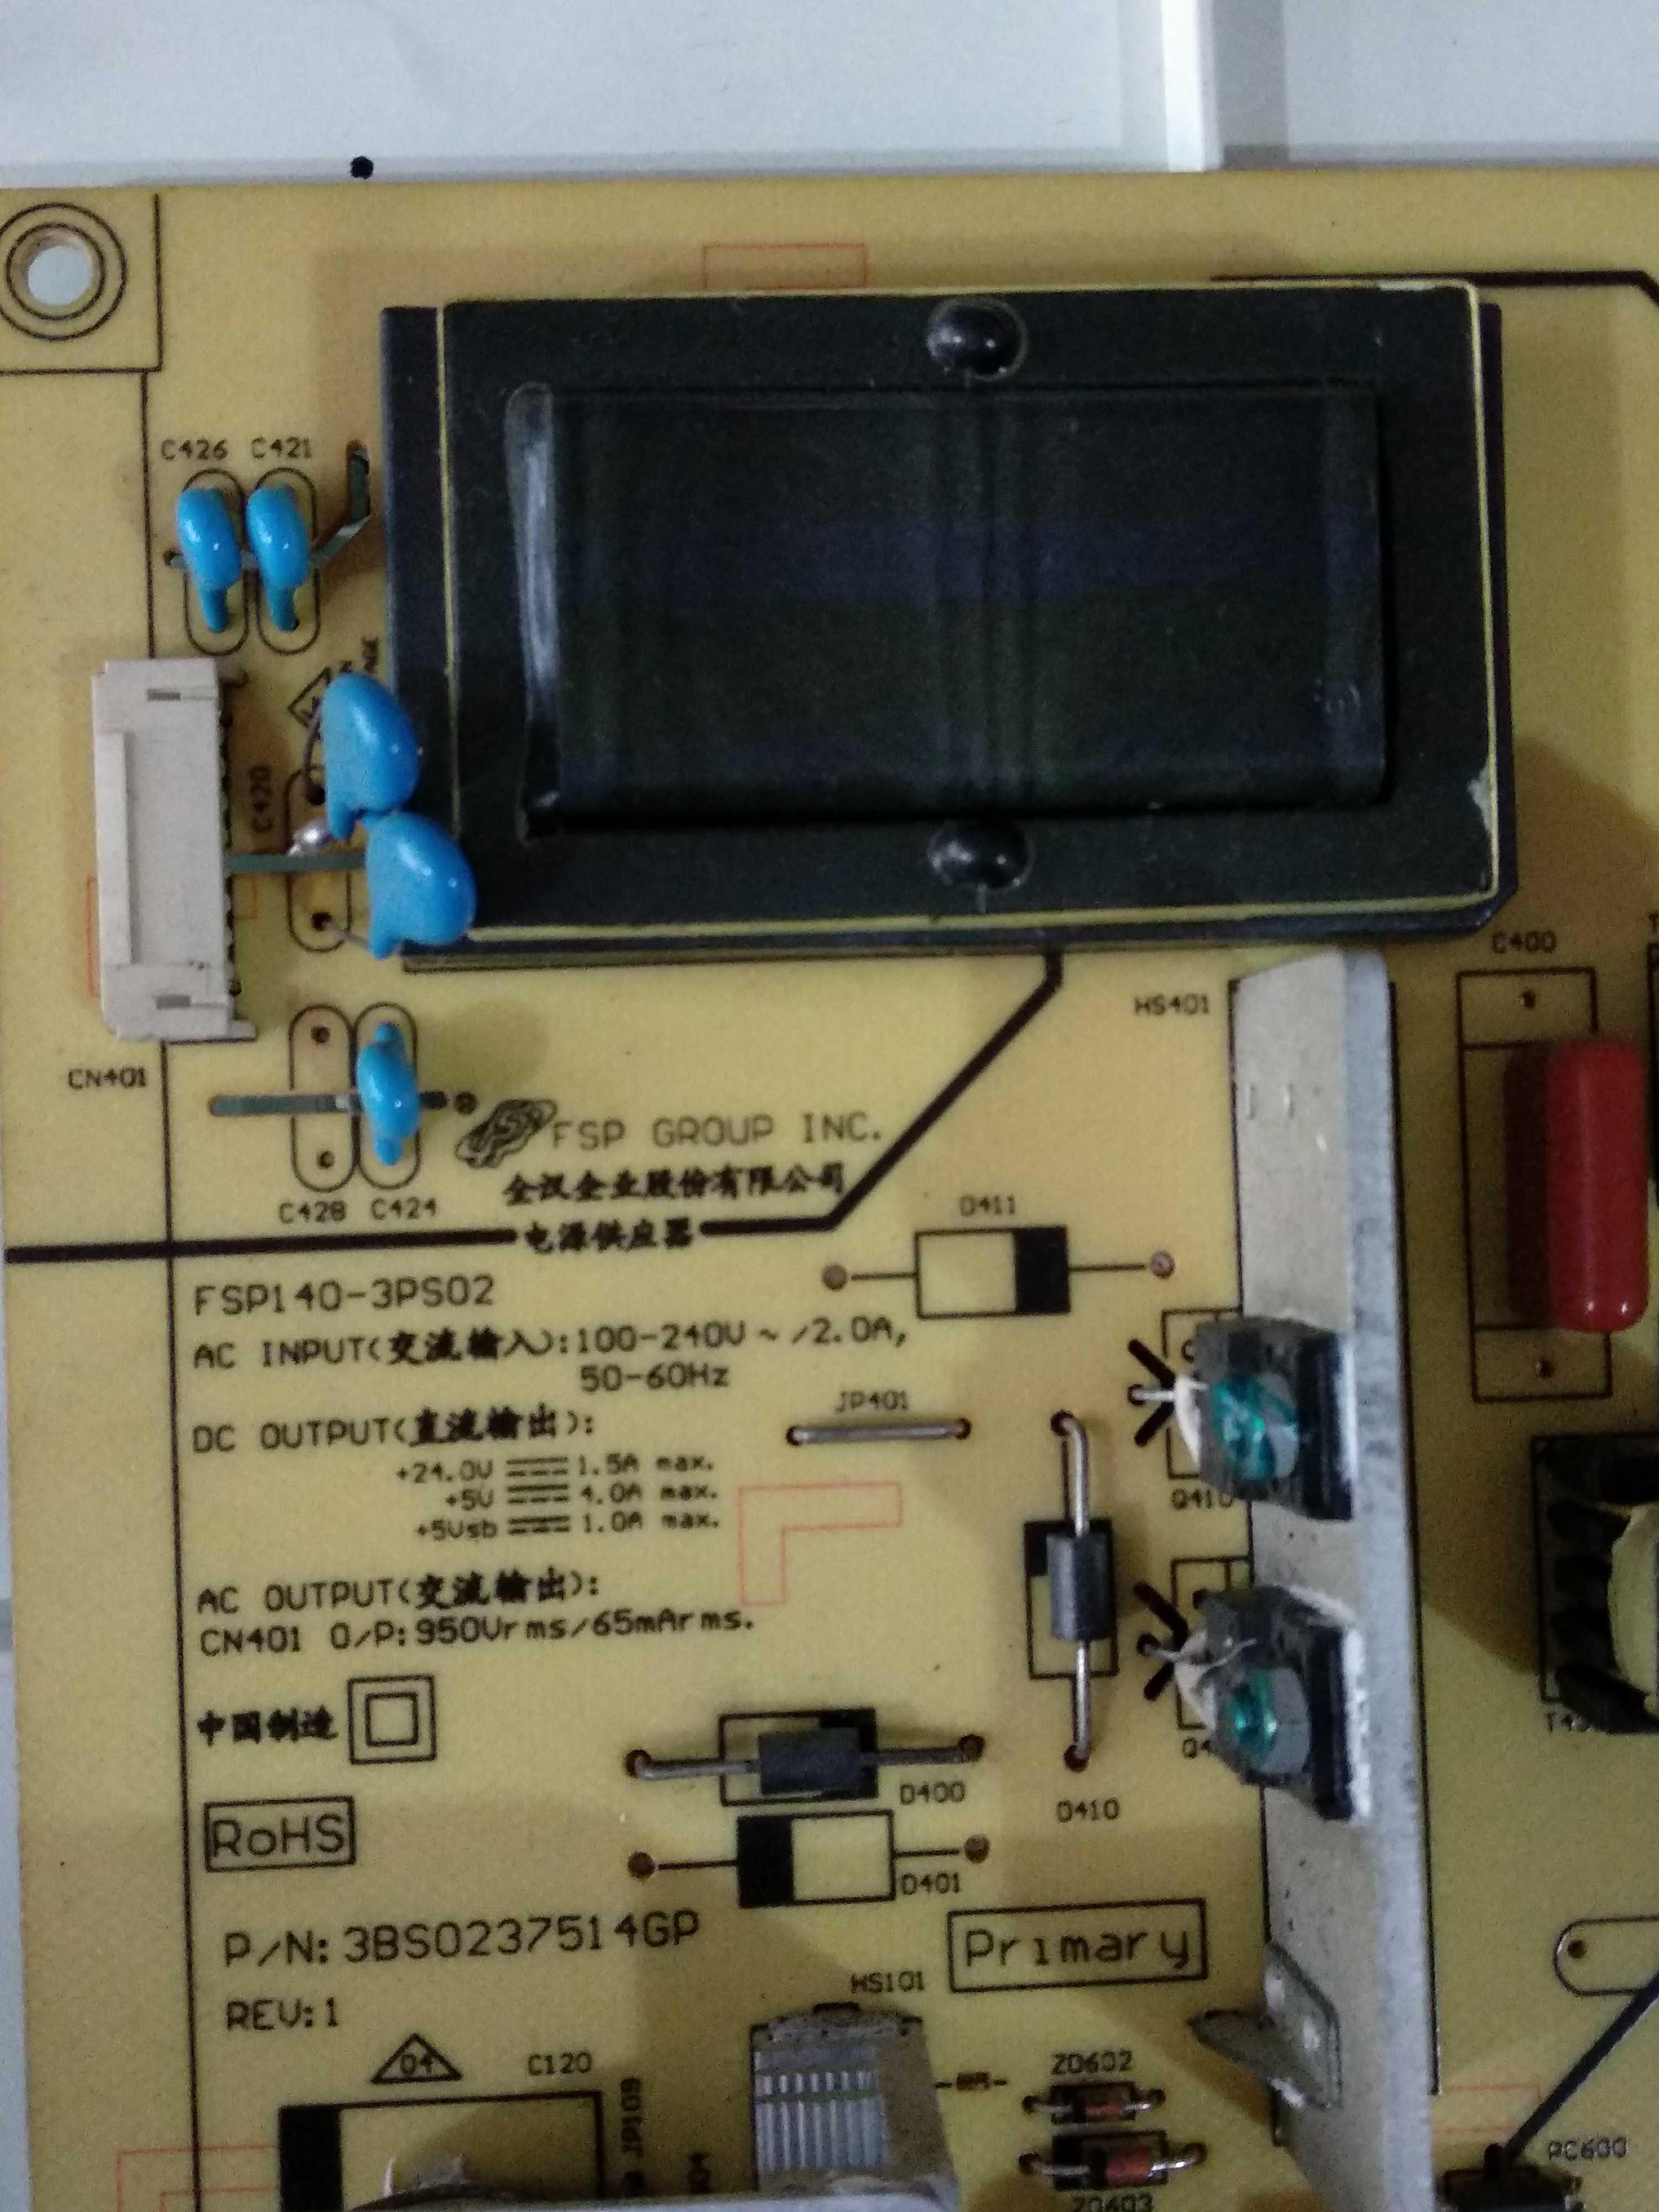 Changhong iT32650X Fsp140 3pS02 LCD - TV - Vorstand ein